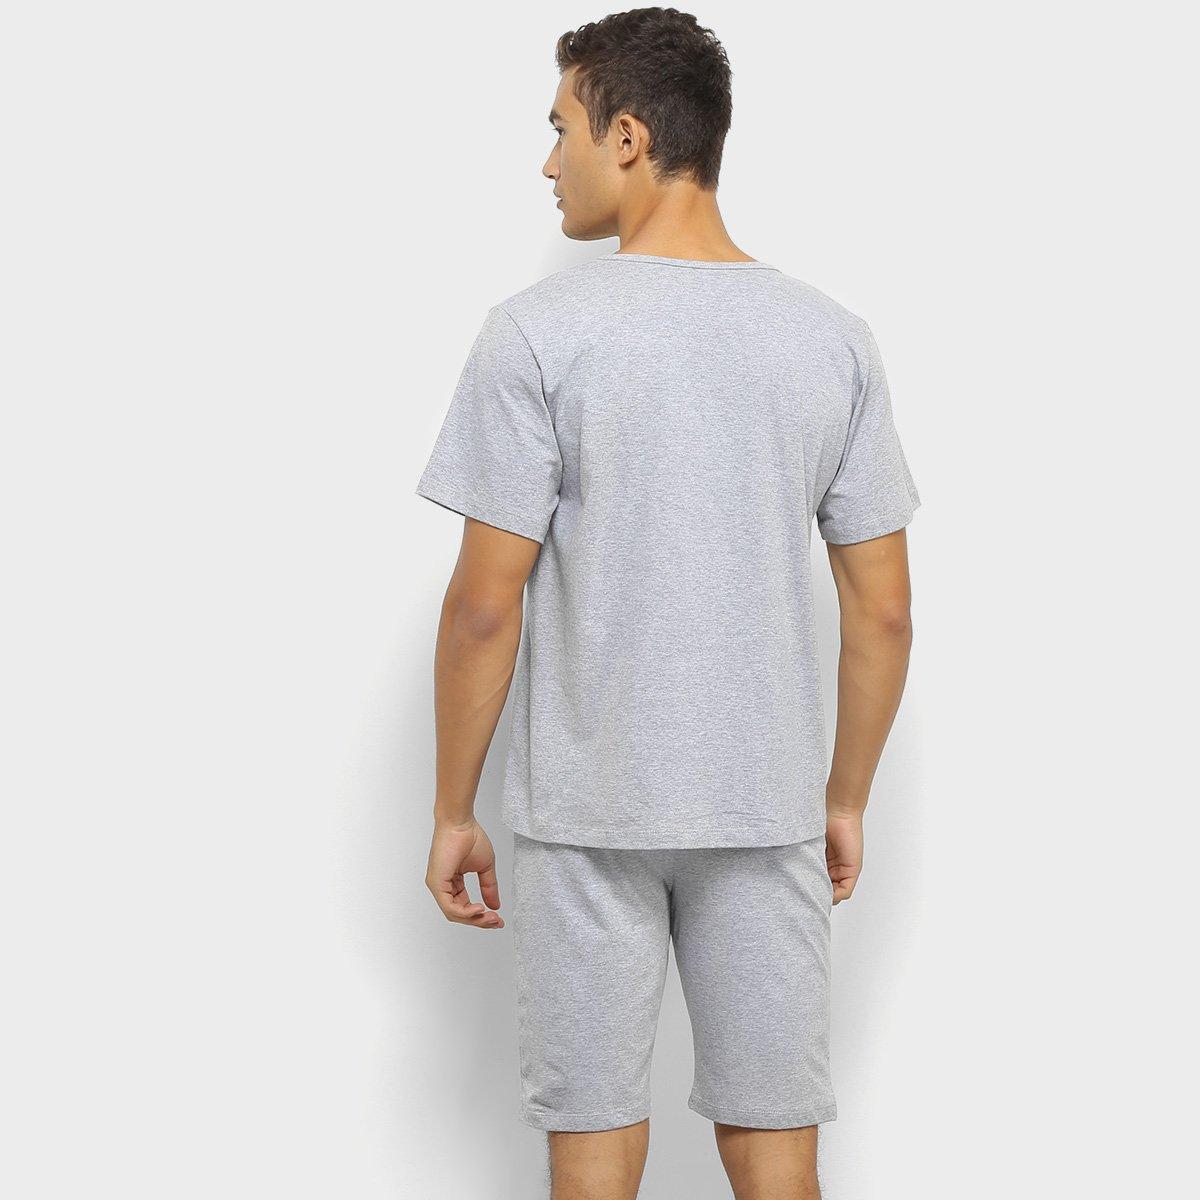 Foto 2 - Pijama Be Cciolo Love Masculino